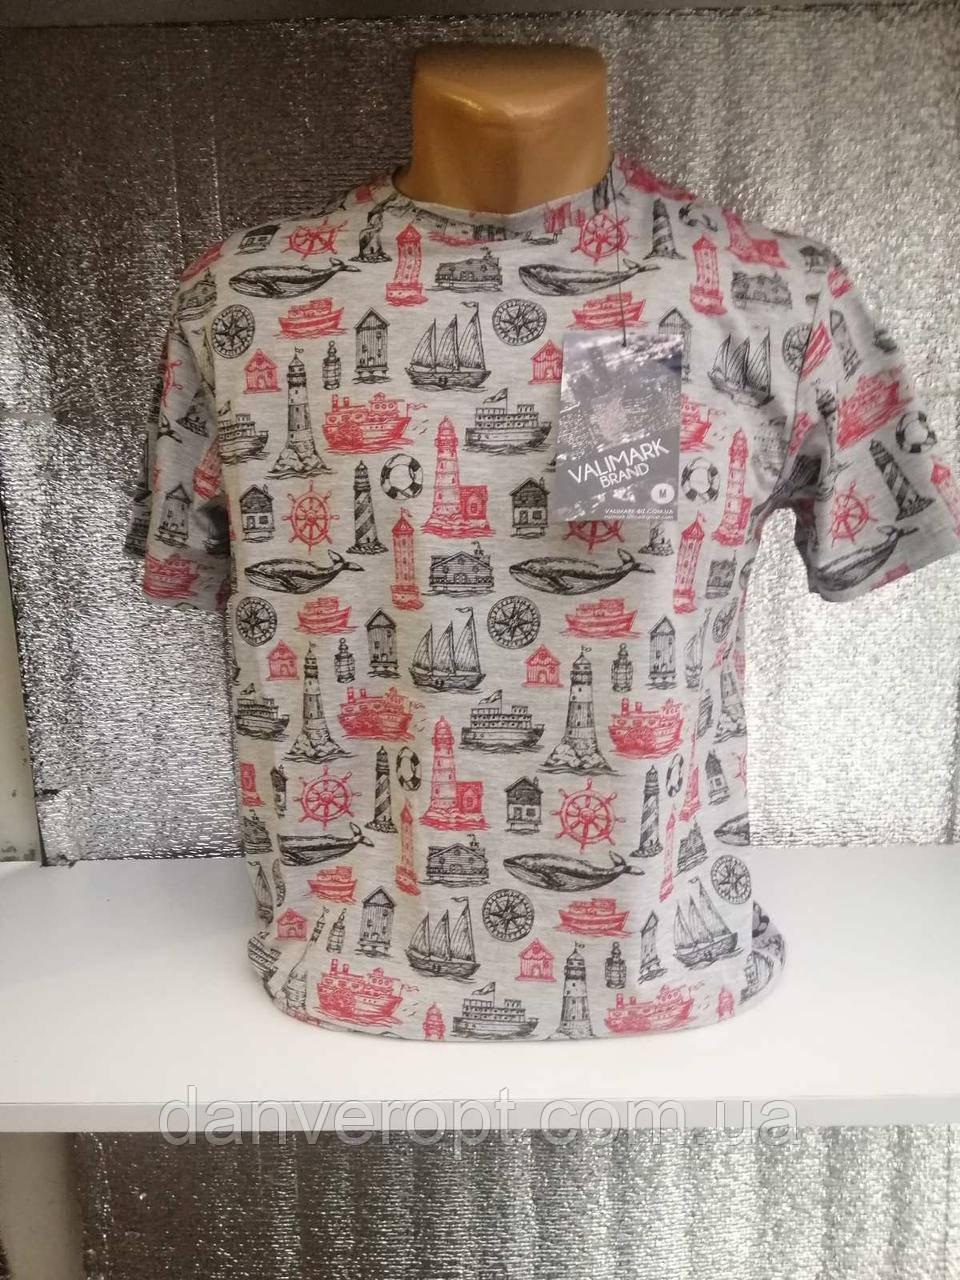 Футболка мужская модная стильная с принтом размер S-XL купить оптом со склада 7км Одесса